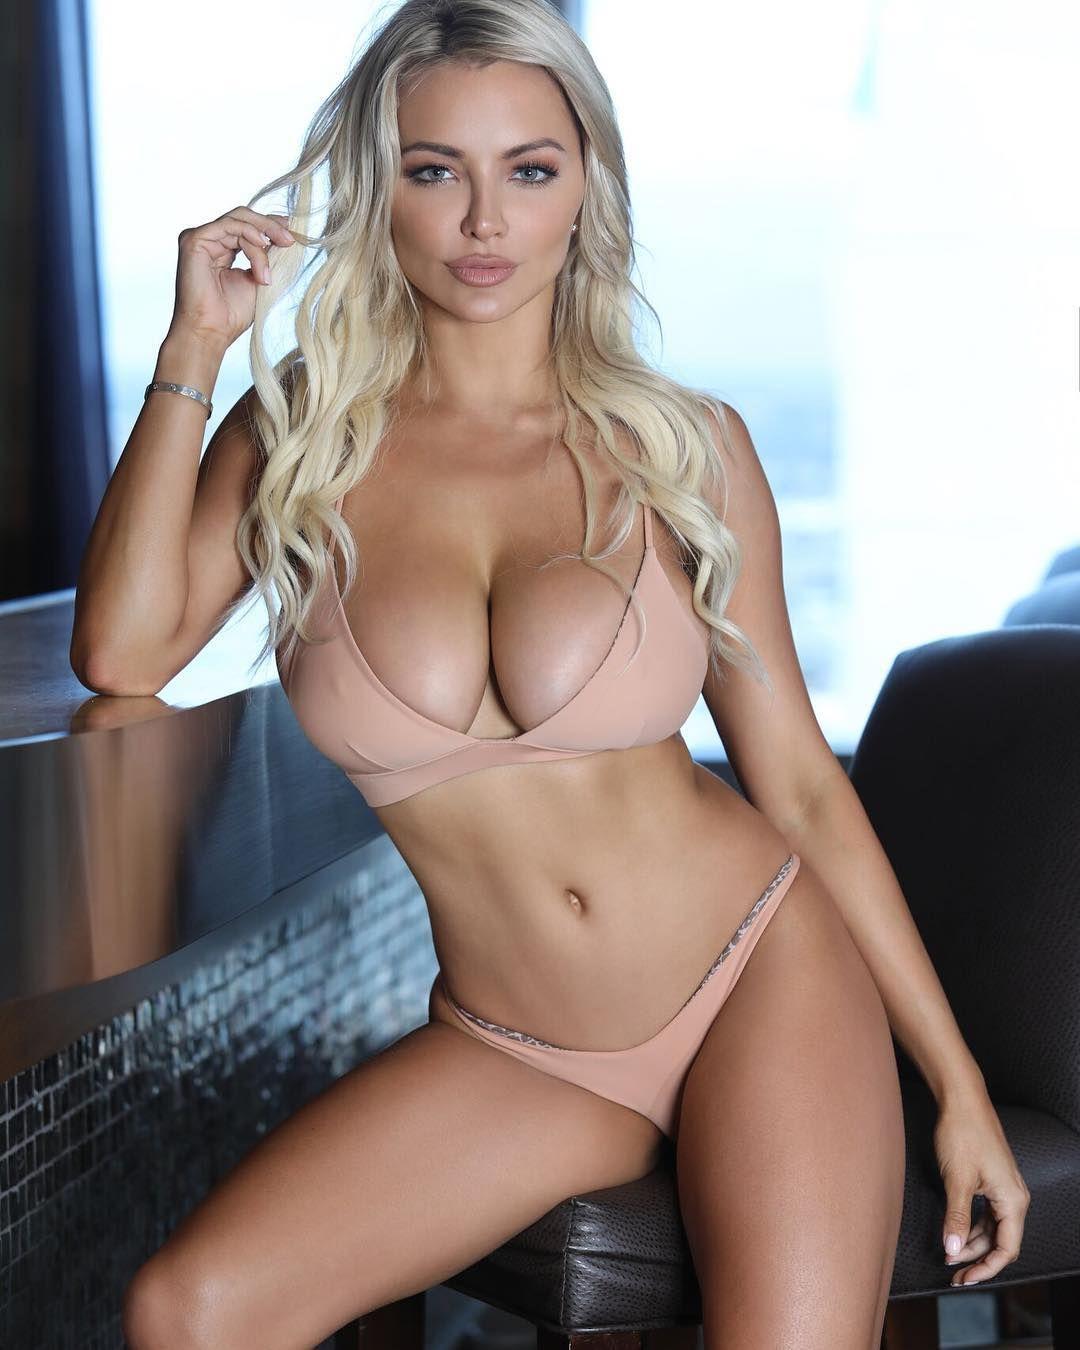 Video Lindsey Pelas nudes (78 photos), Tits, Leaked, Selfie, in bikini 2018